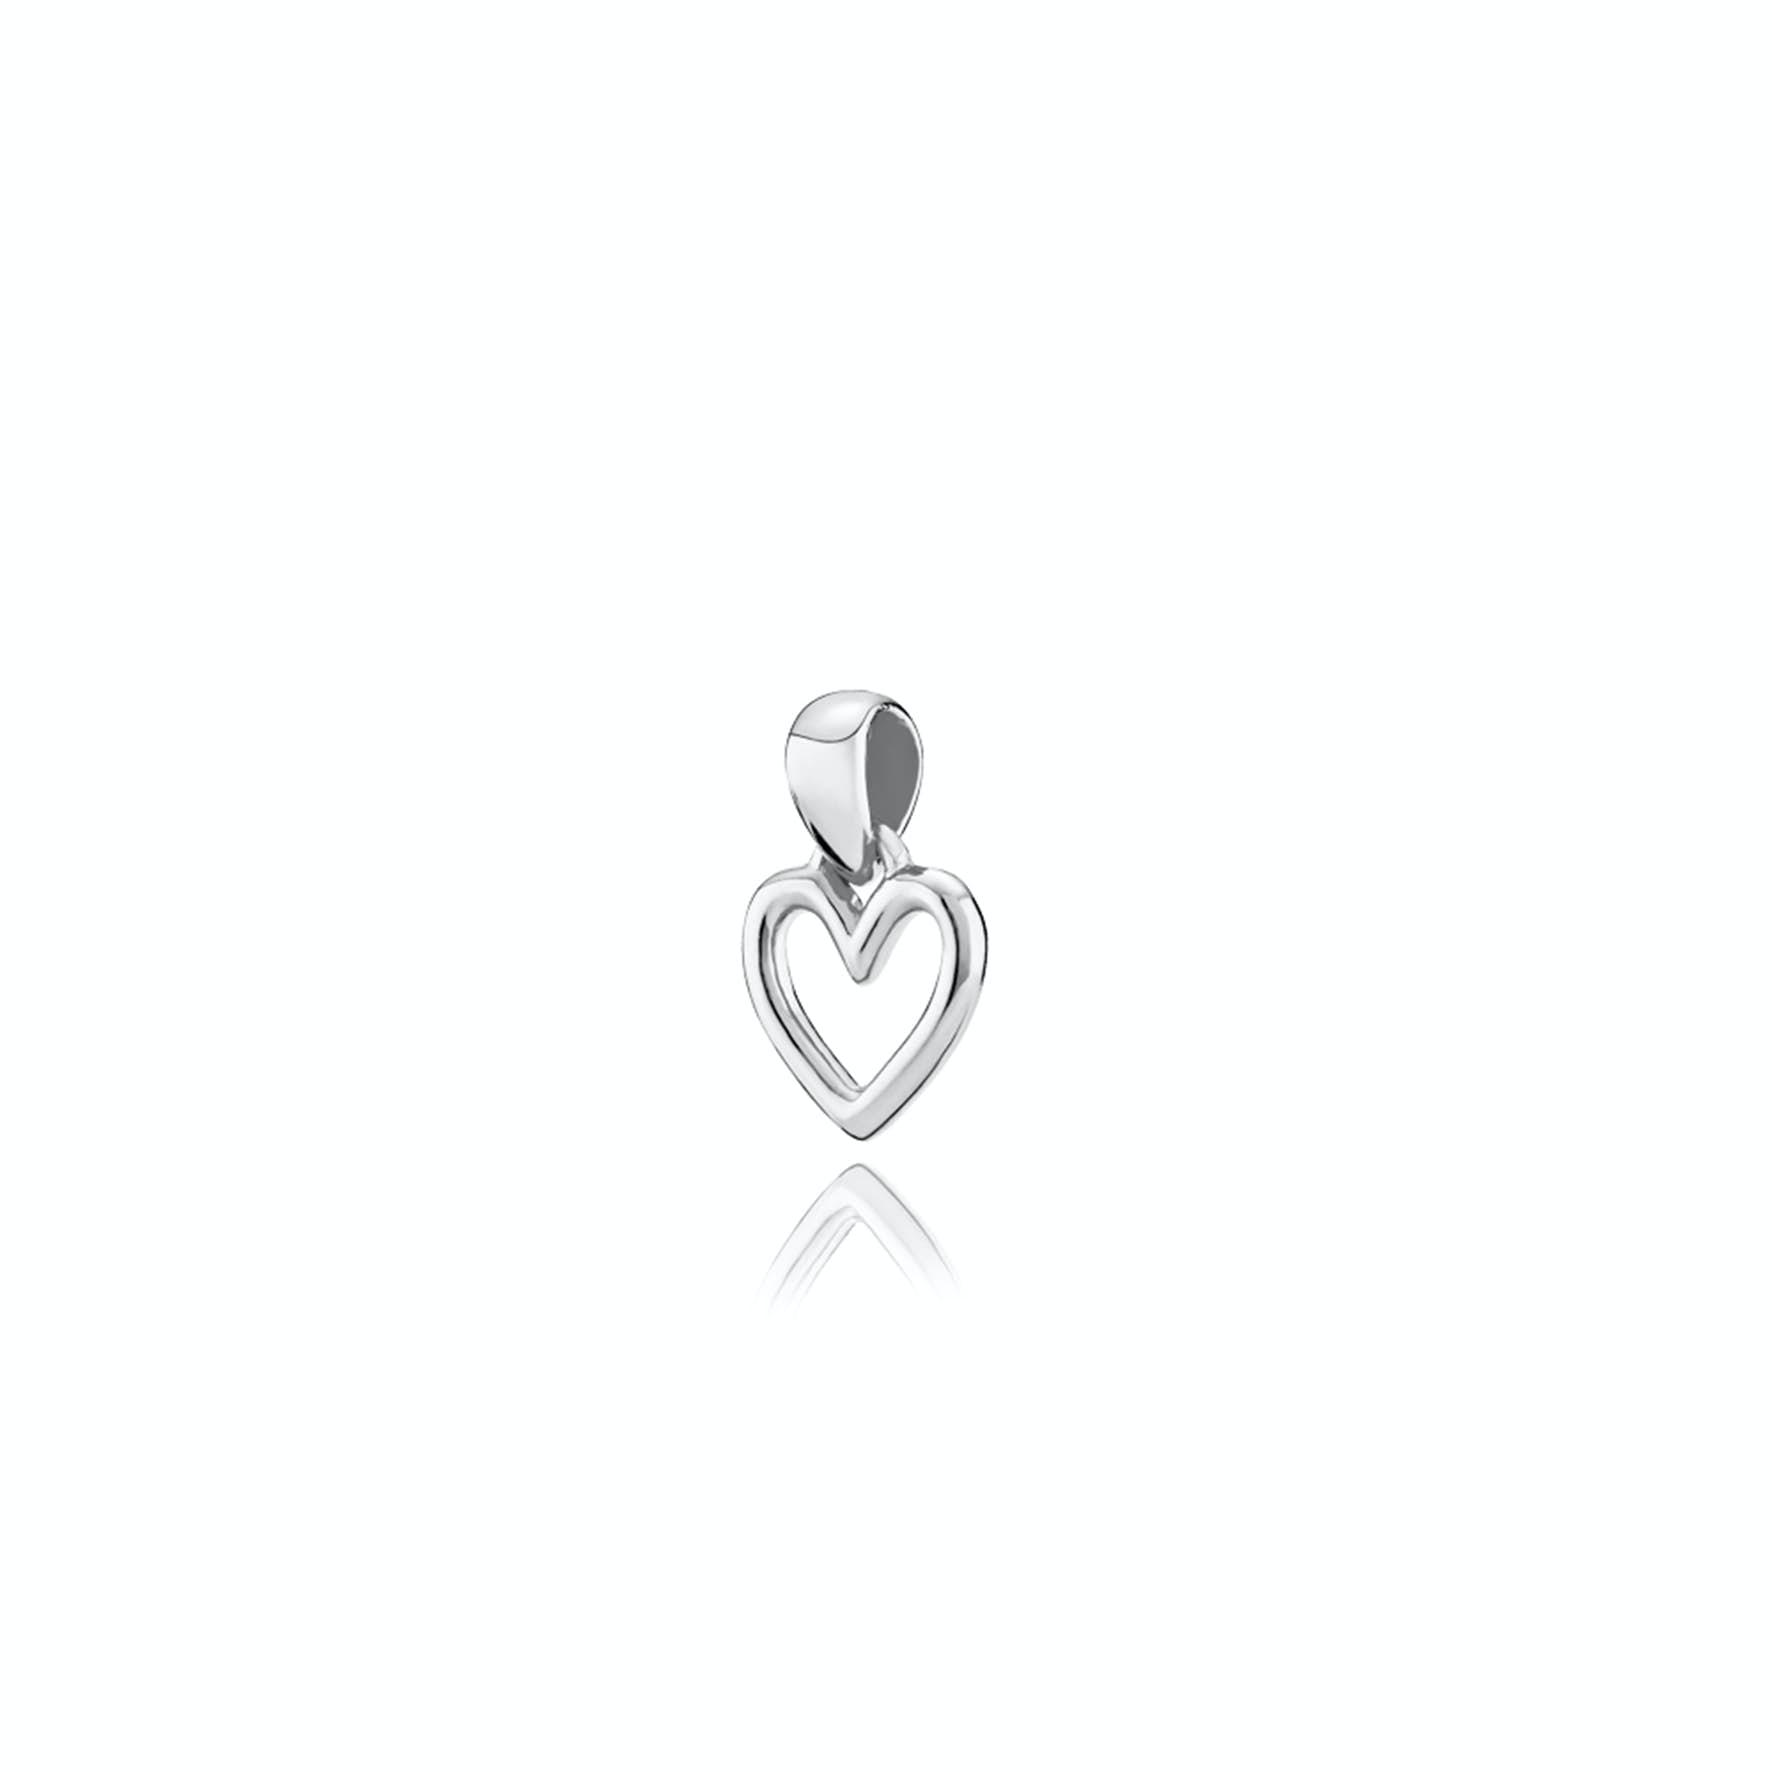 Love Charity Pendant fra Izabel Camille i Sølv Sterling 925